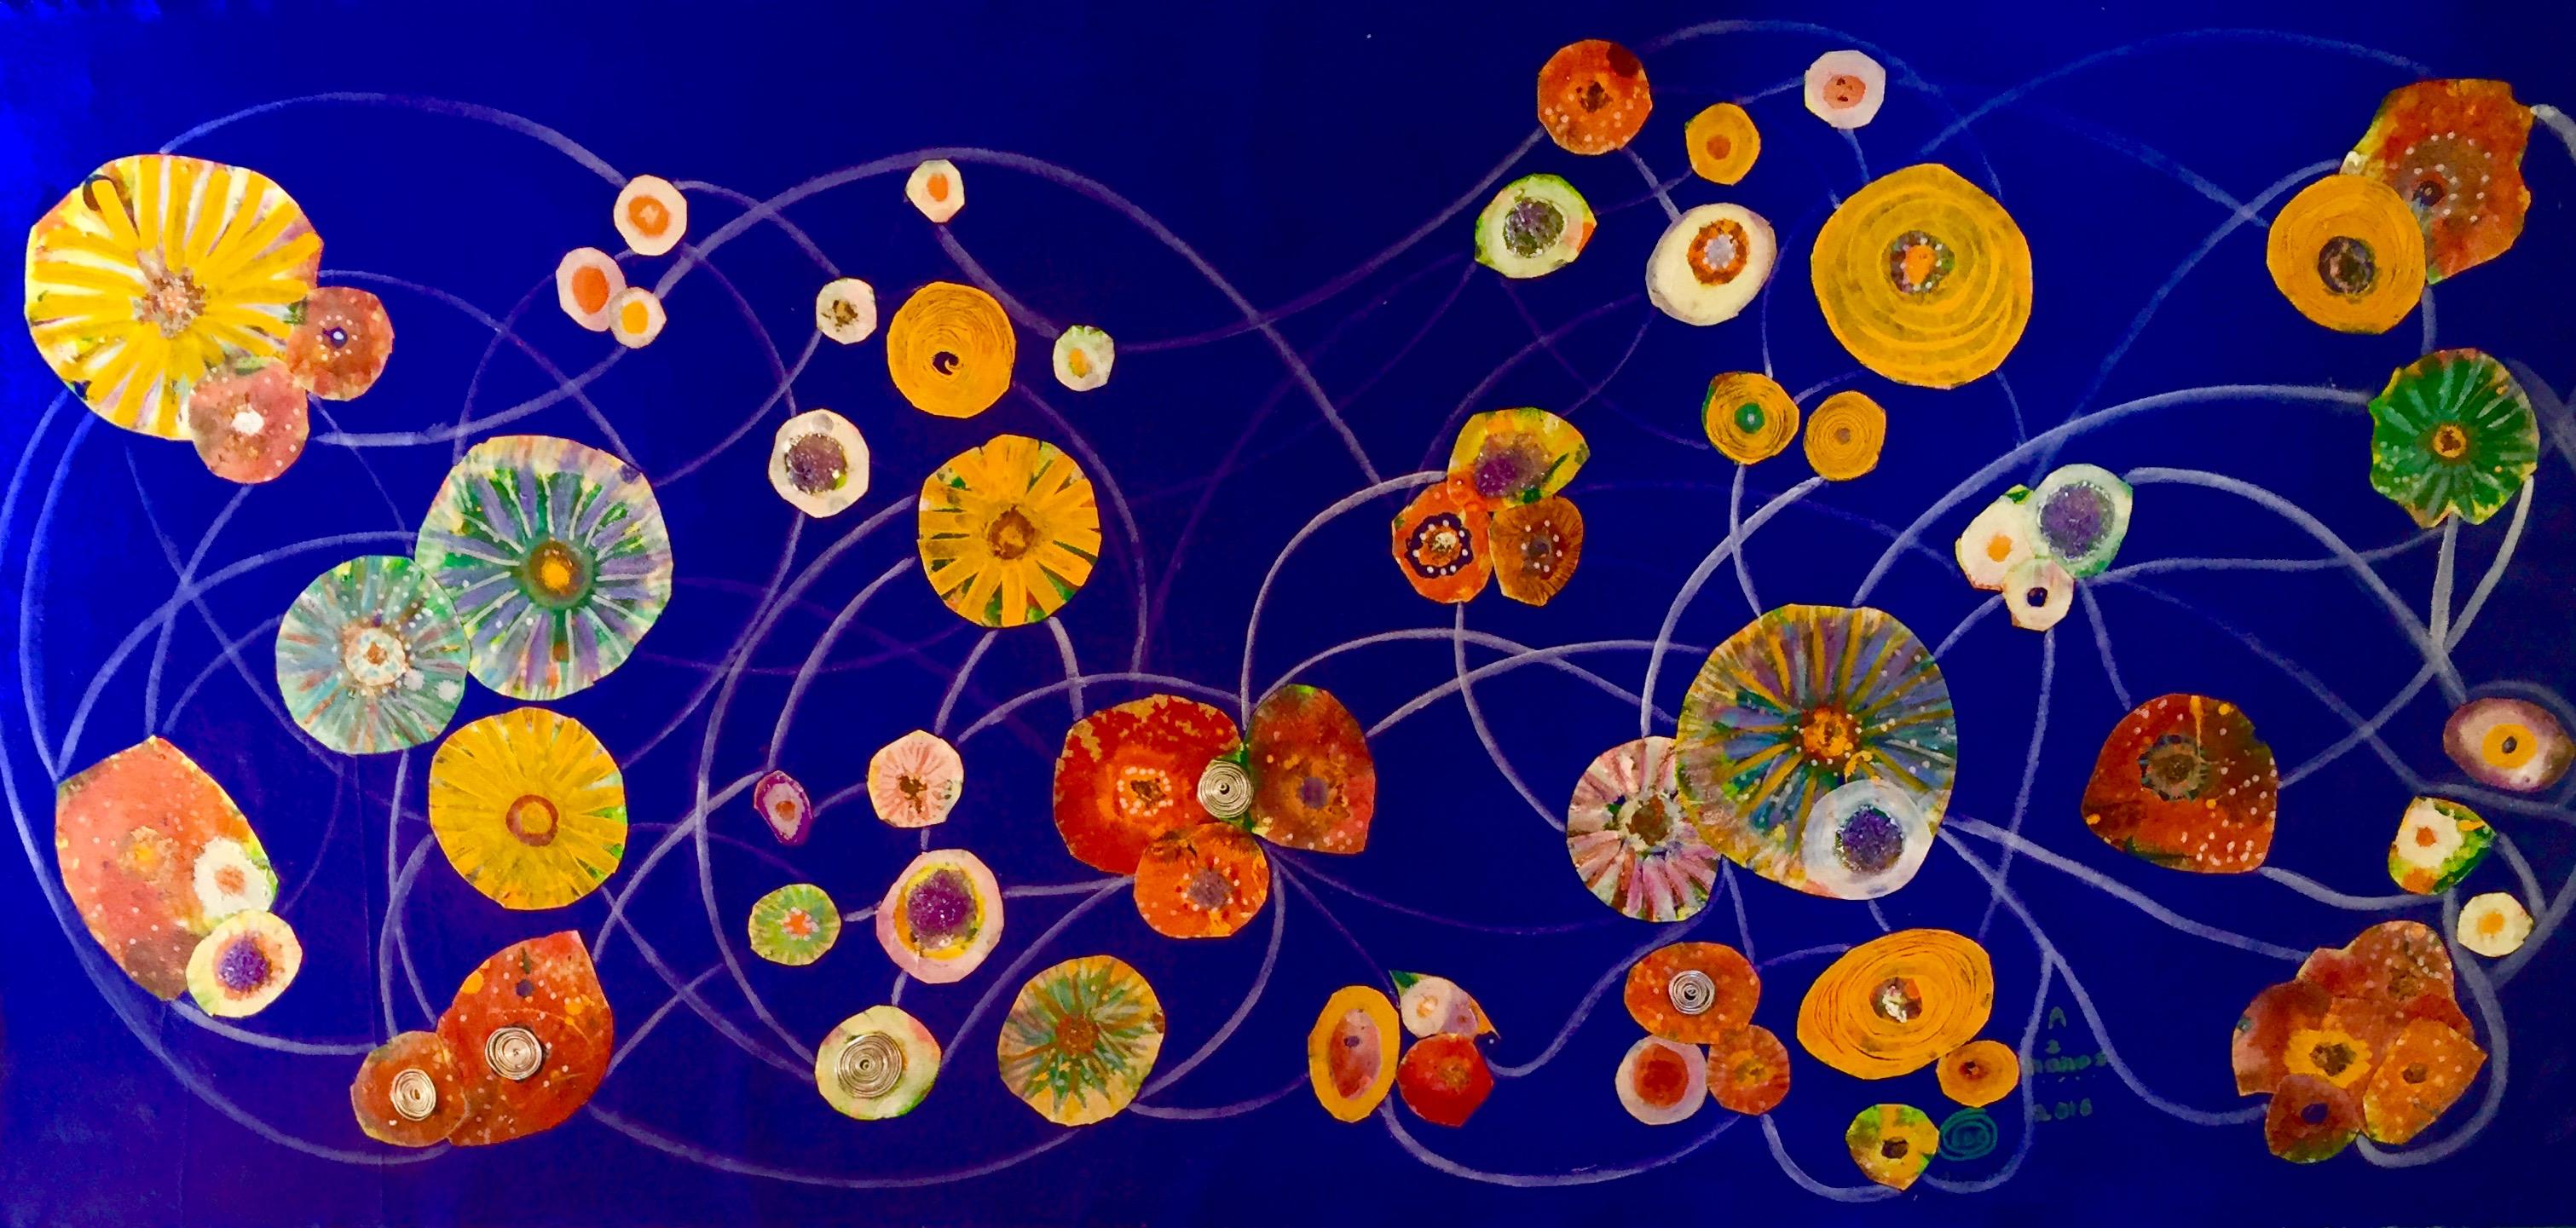 Mi.La Comunicazione - Made in Italy Arte: una mostra tra terra e mare 1